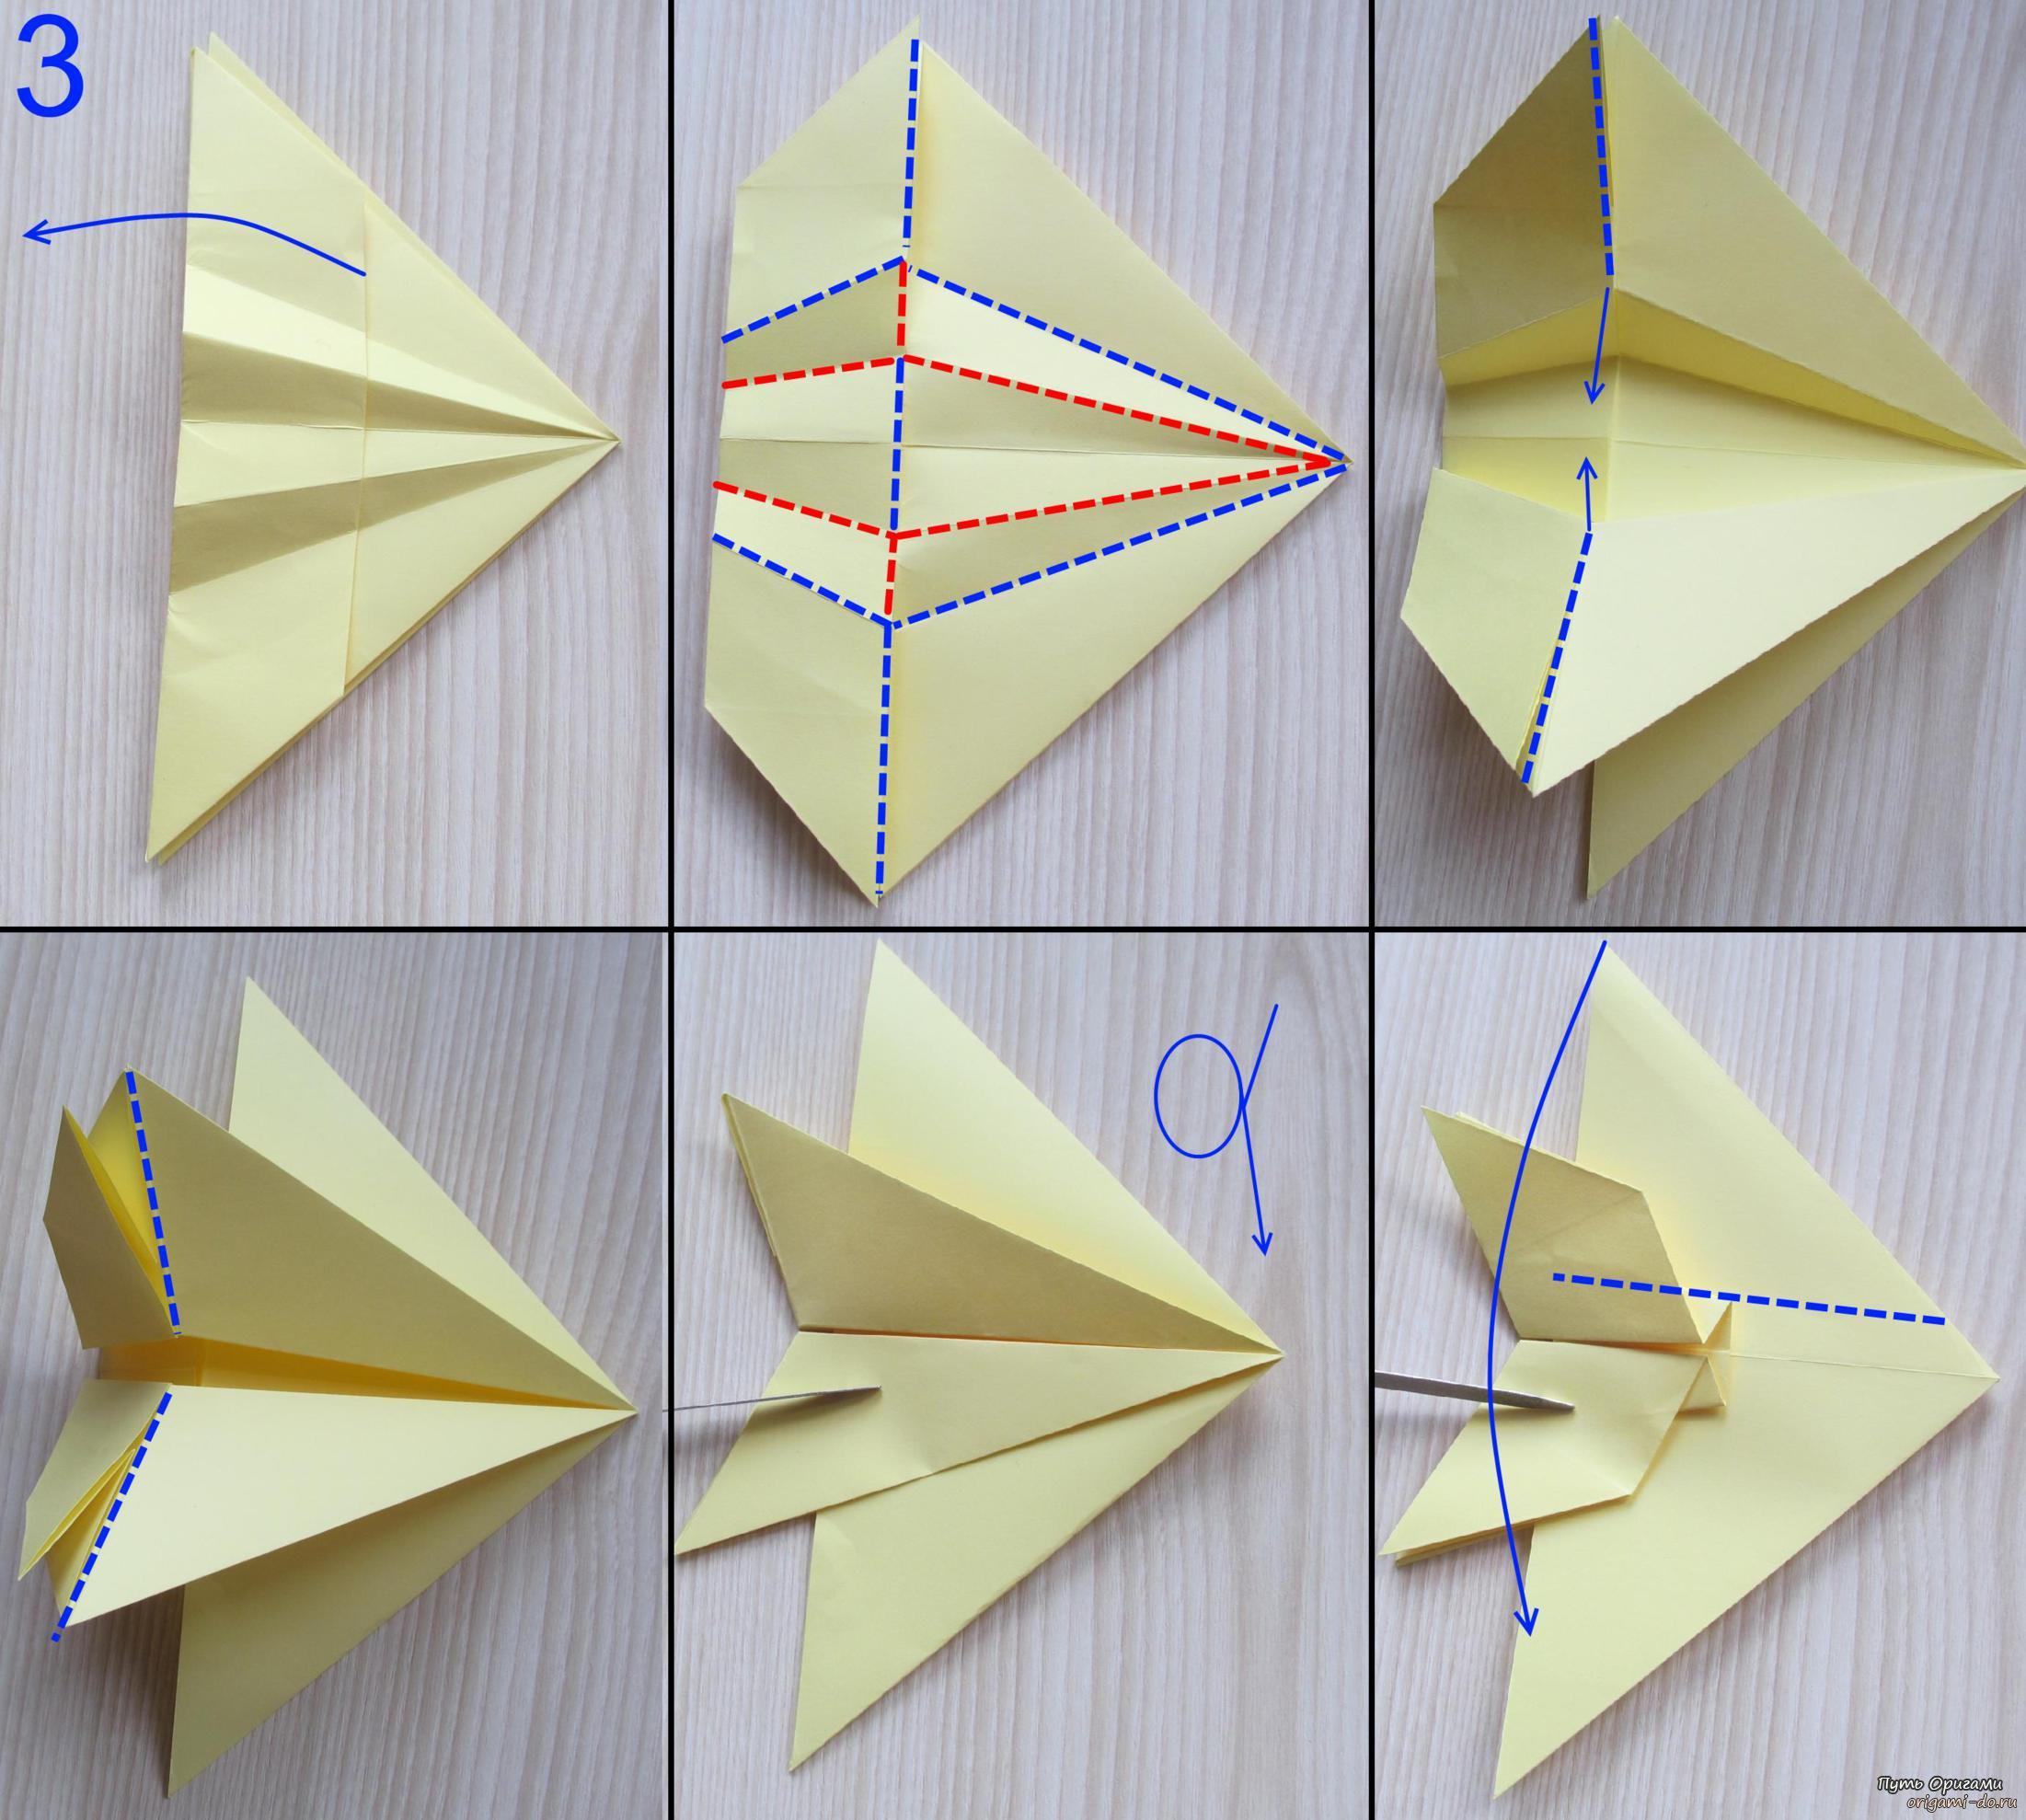 j схемы геометрических фигуры из бумаги